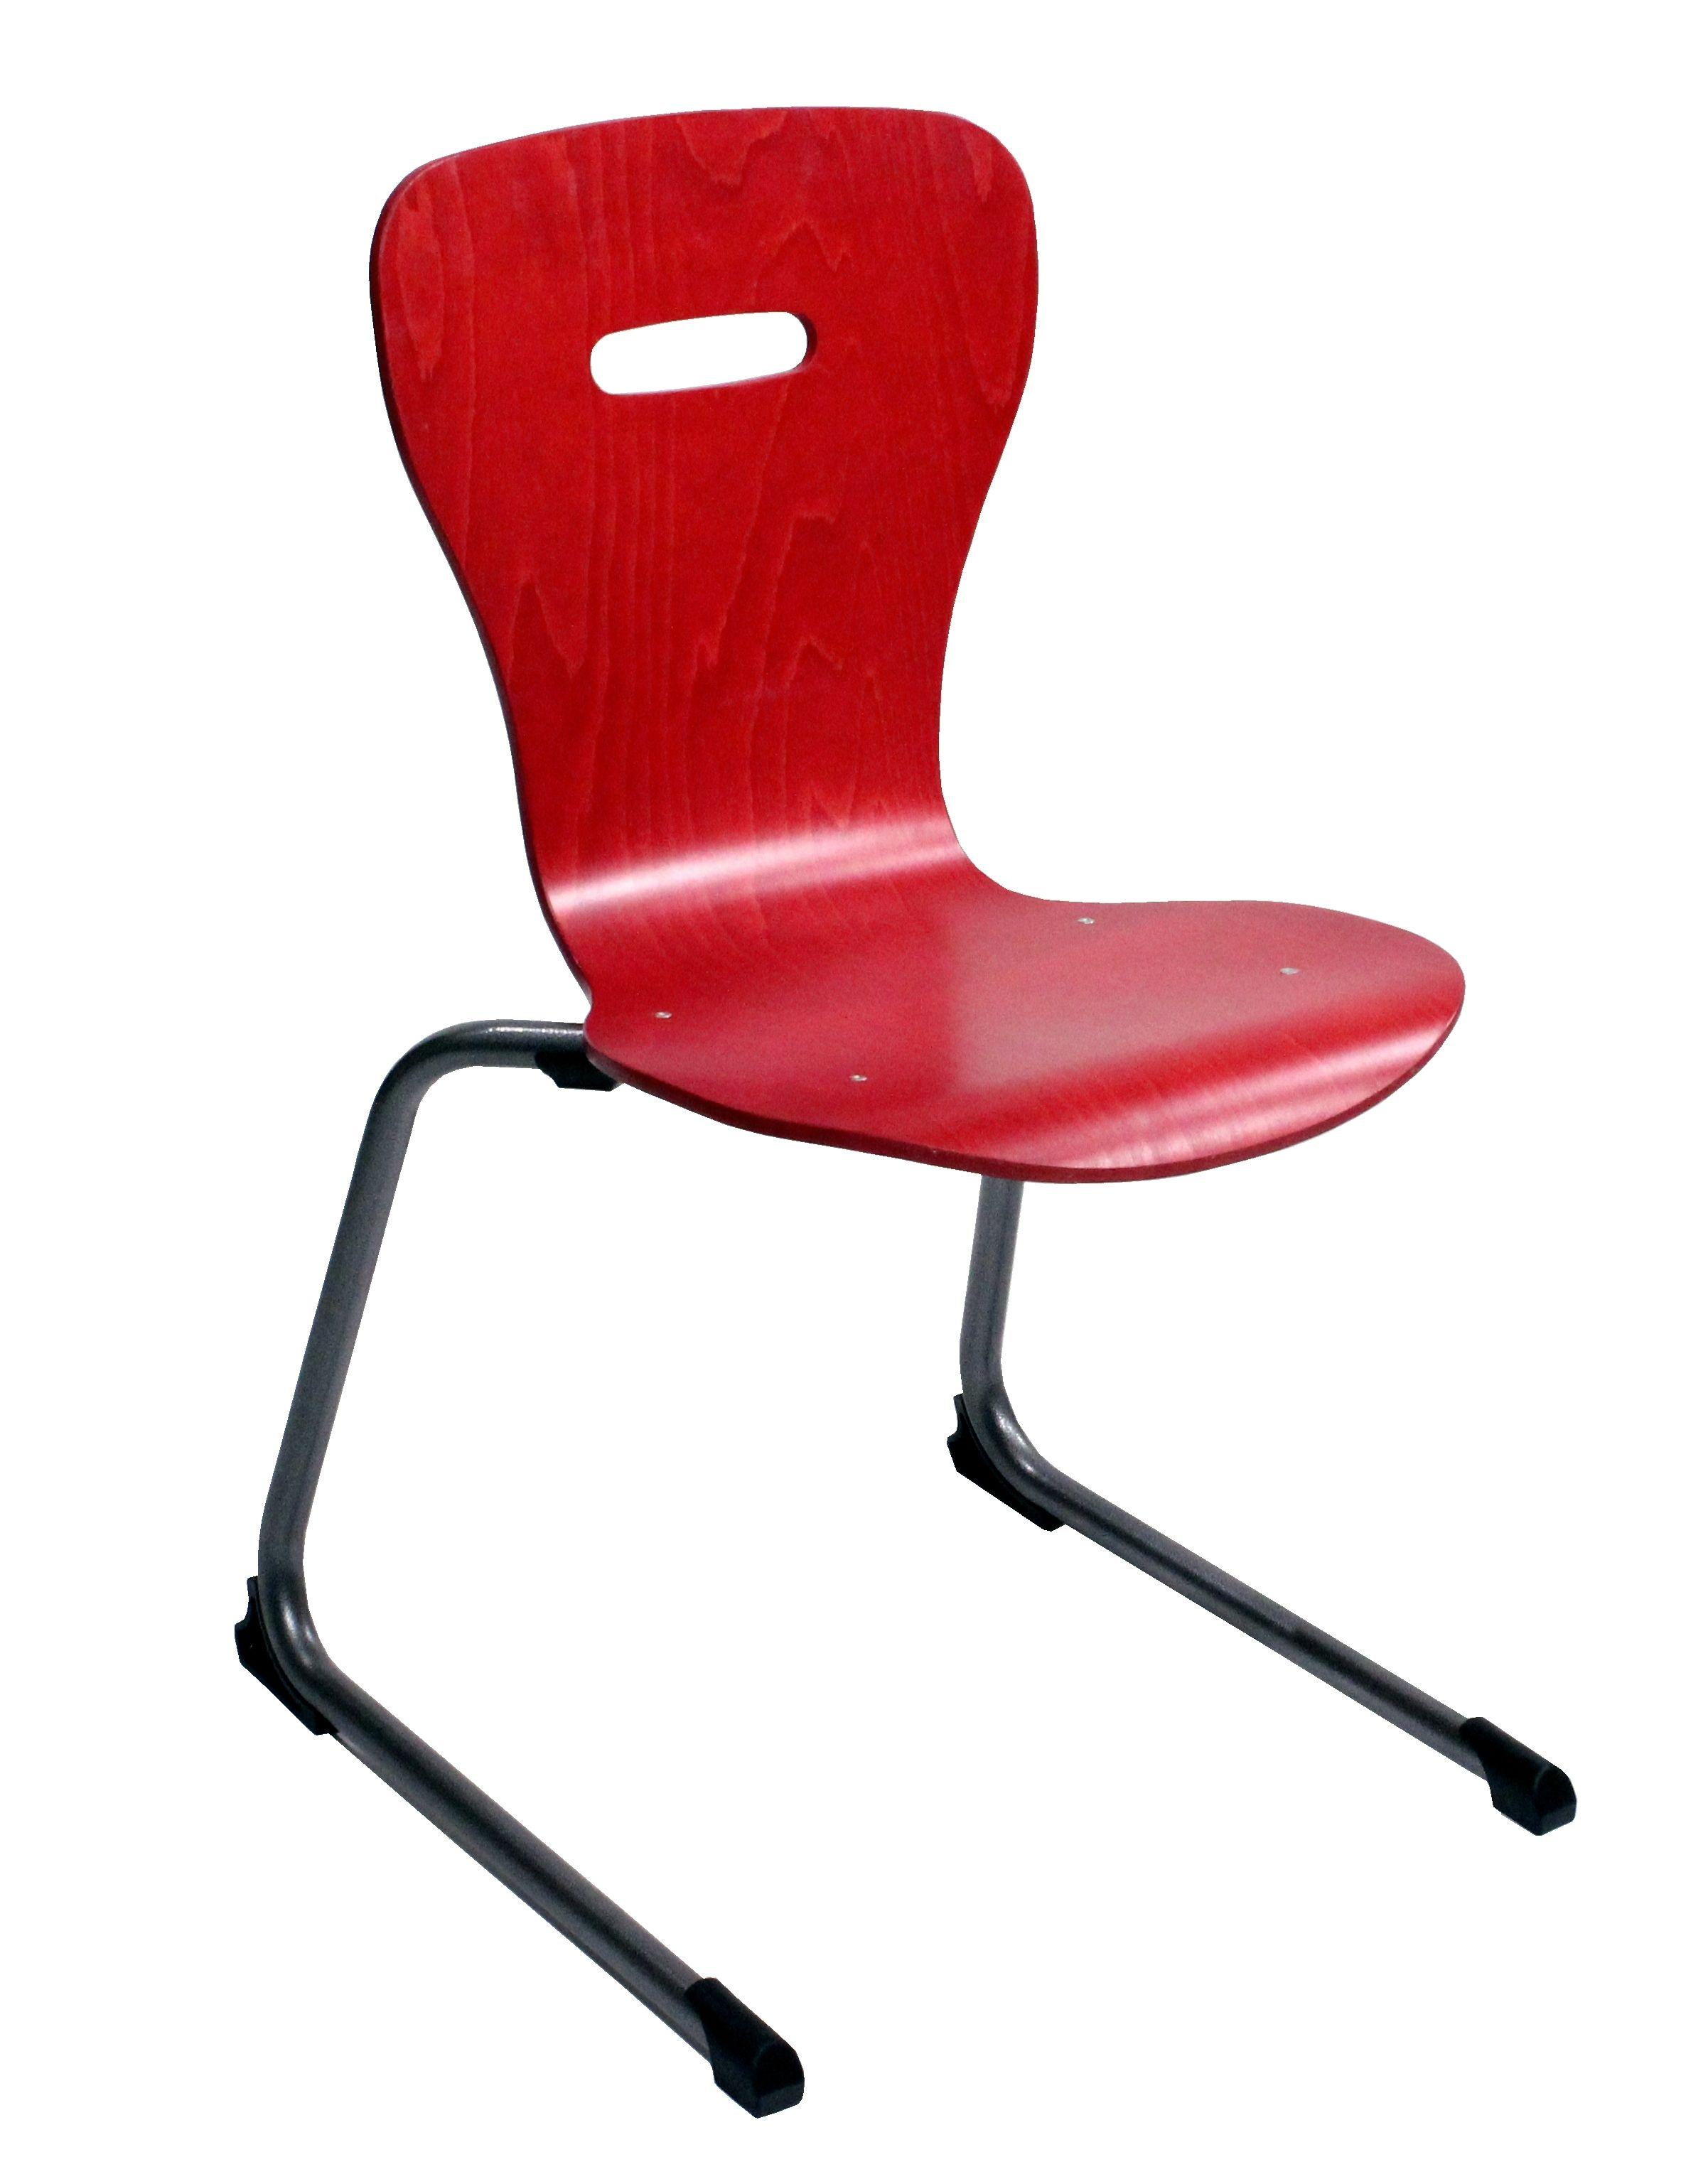 Feria Sur Chaise Luge Table Et Appui Empilablechaisechair FulKJcT13